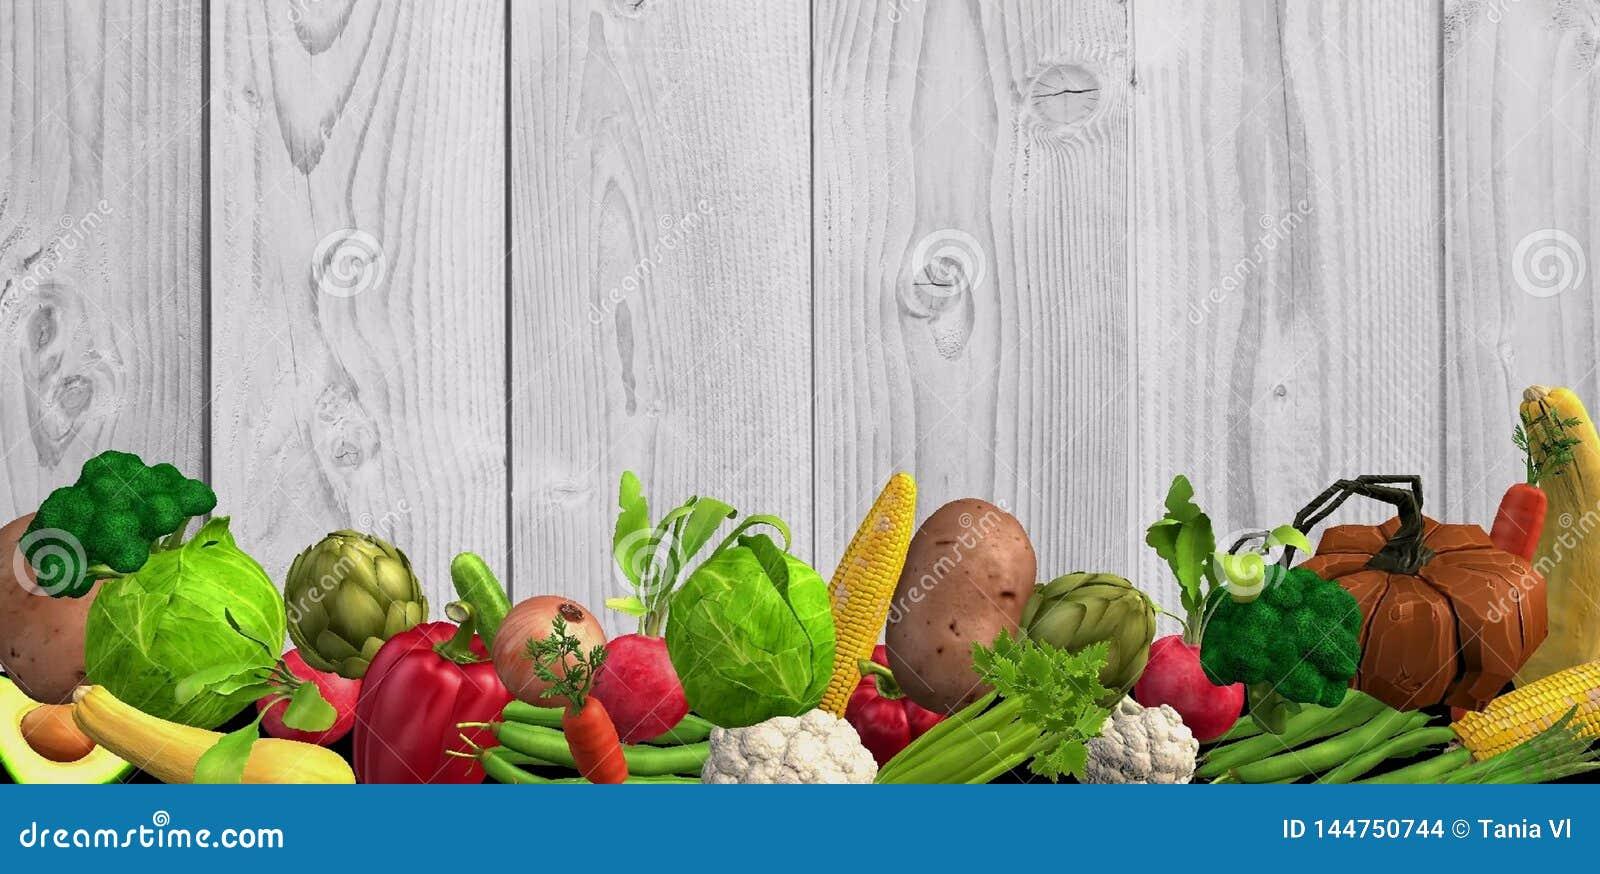 Bakgrund med många olika grönsaker i formatet 3d